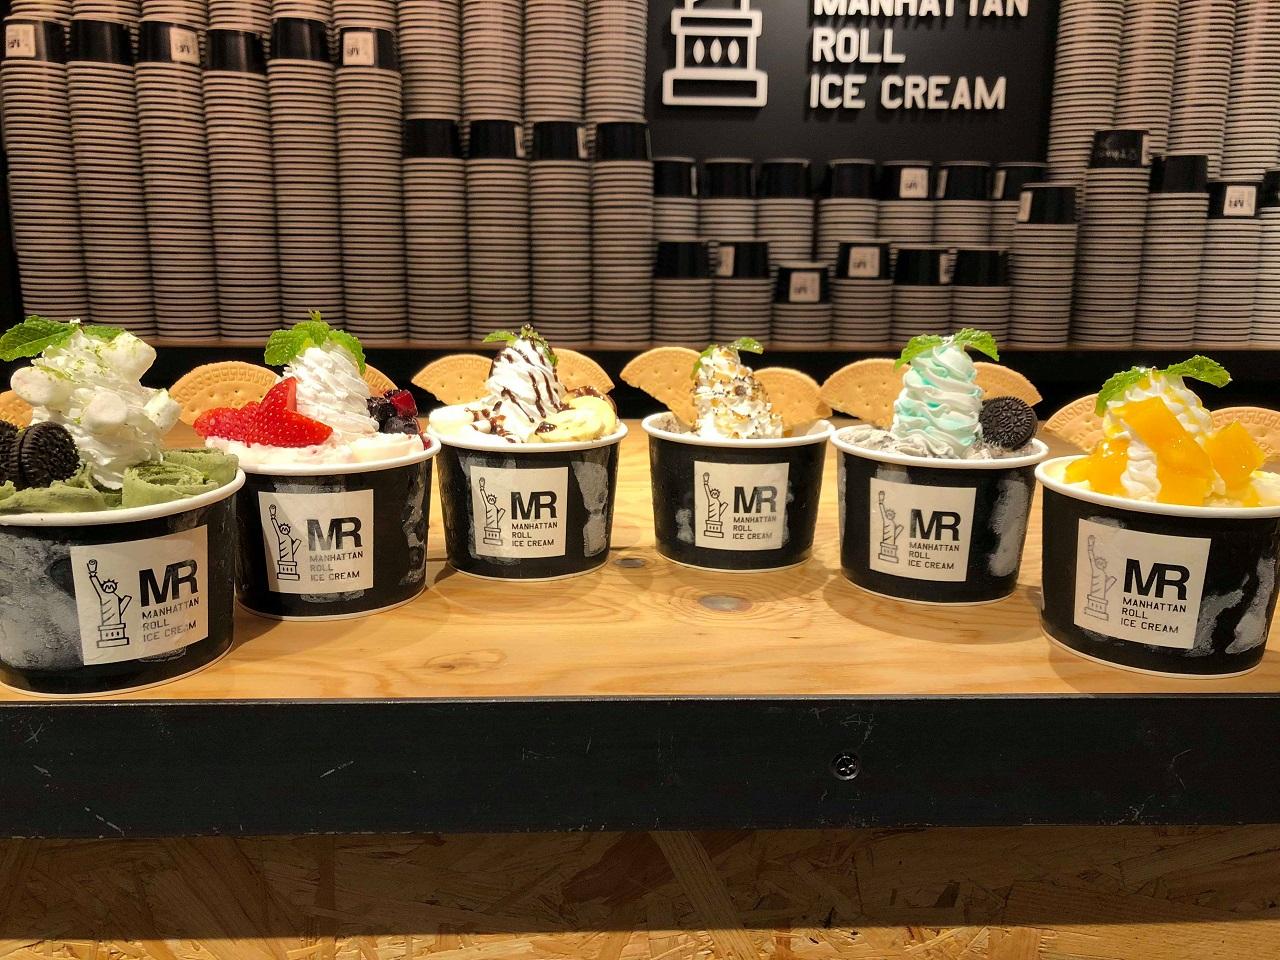 四国エリア初出店!原宿で人気のロールアイス専門店が愛媛・松山にオープン